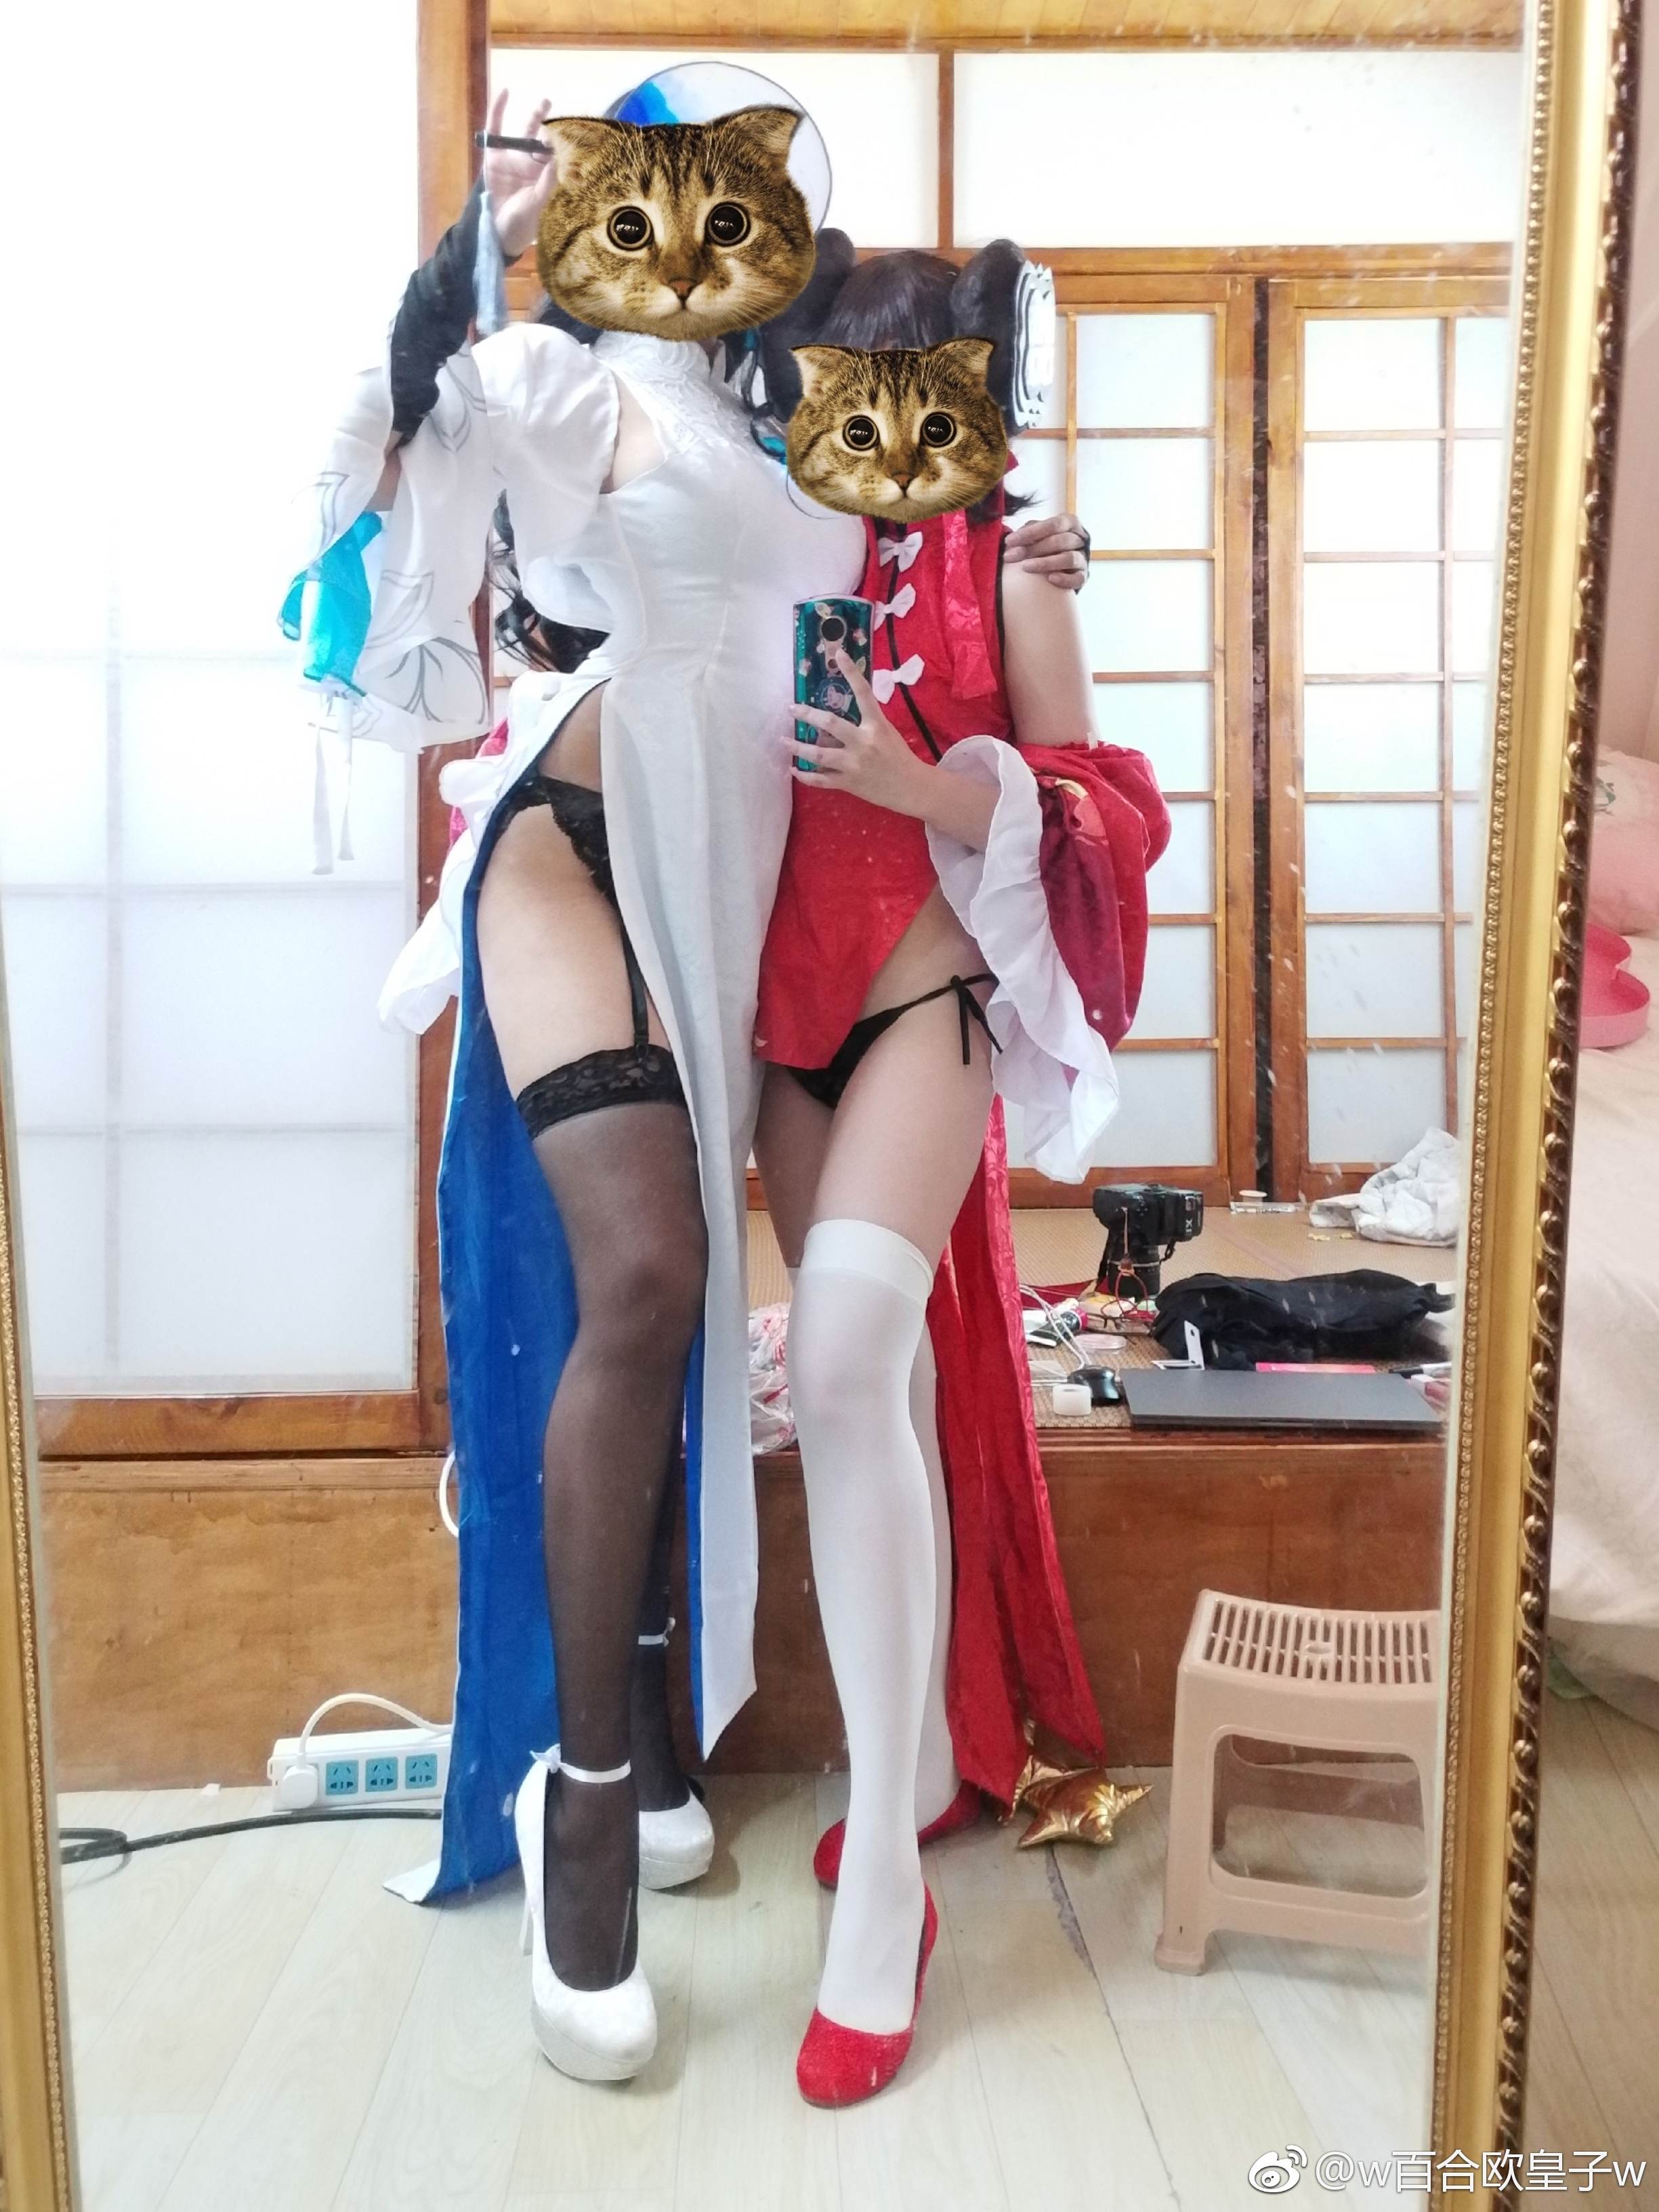 百合大法好,少女前线95.97式的旗袍(9P)